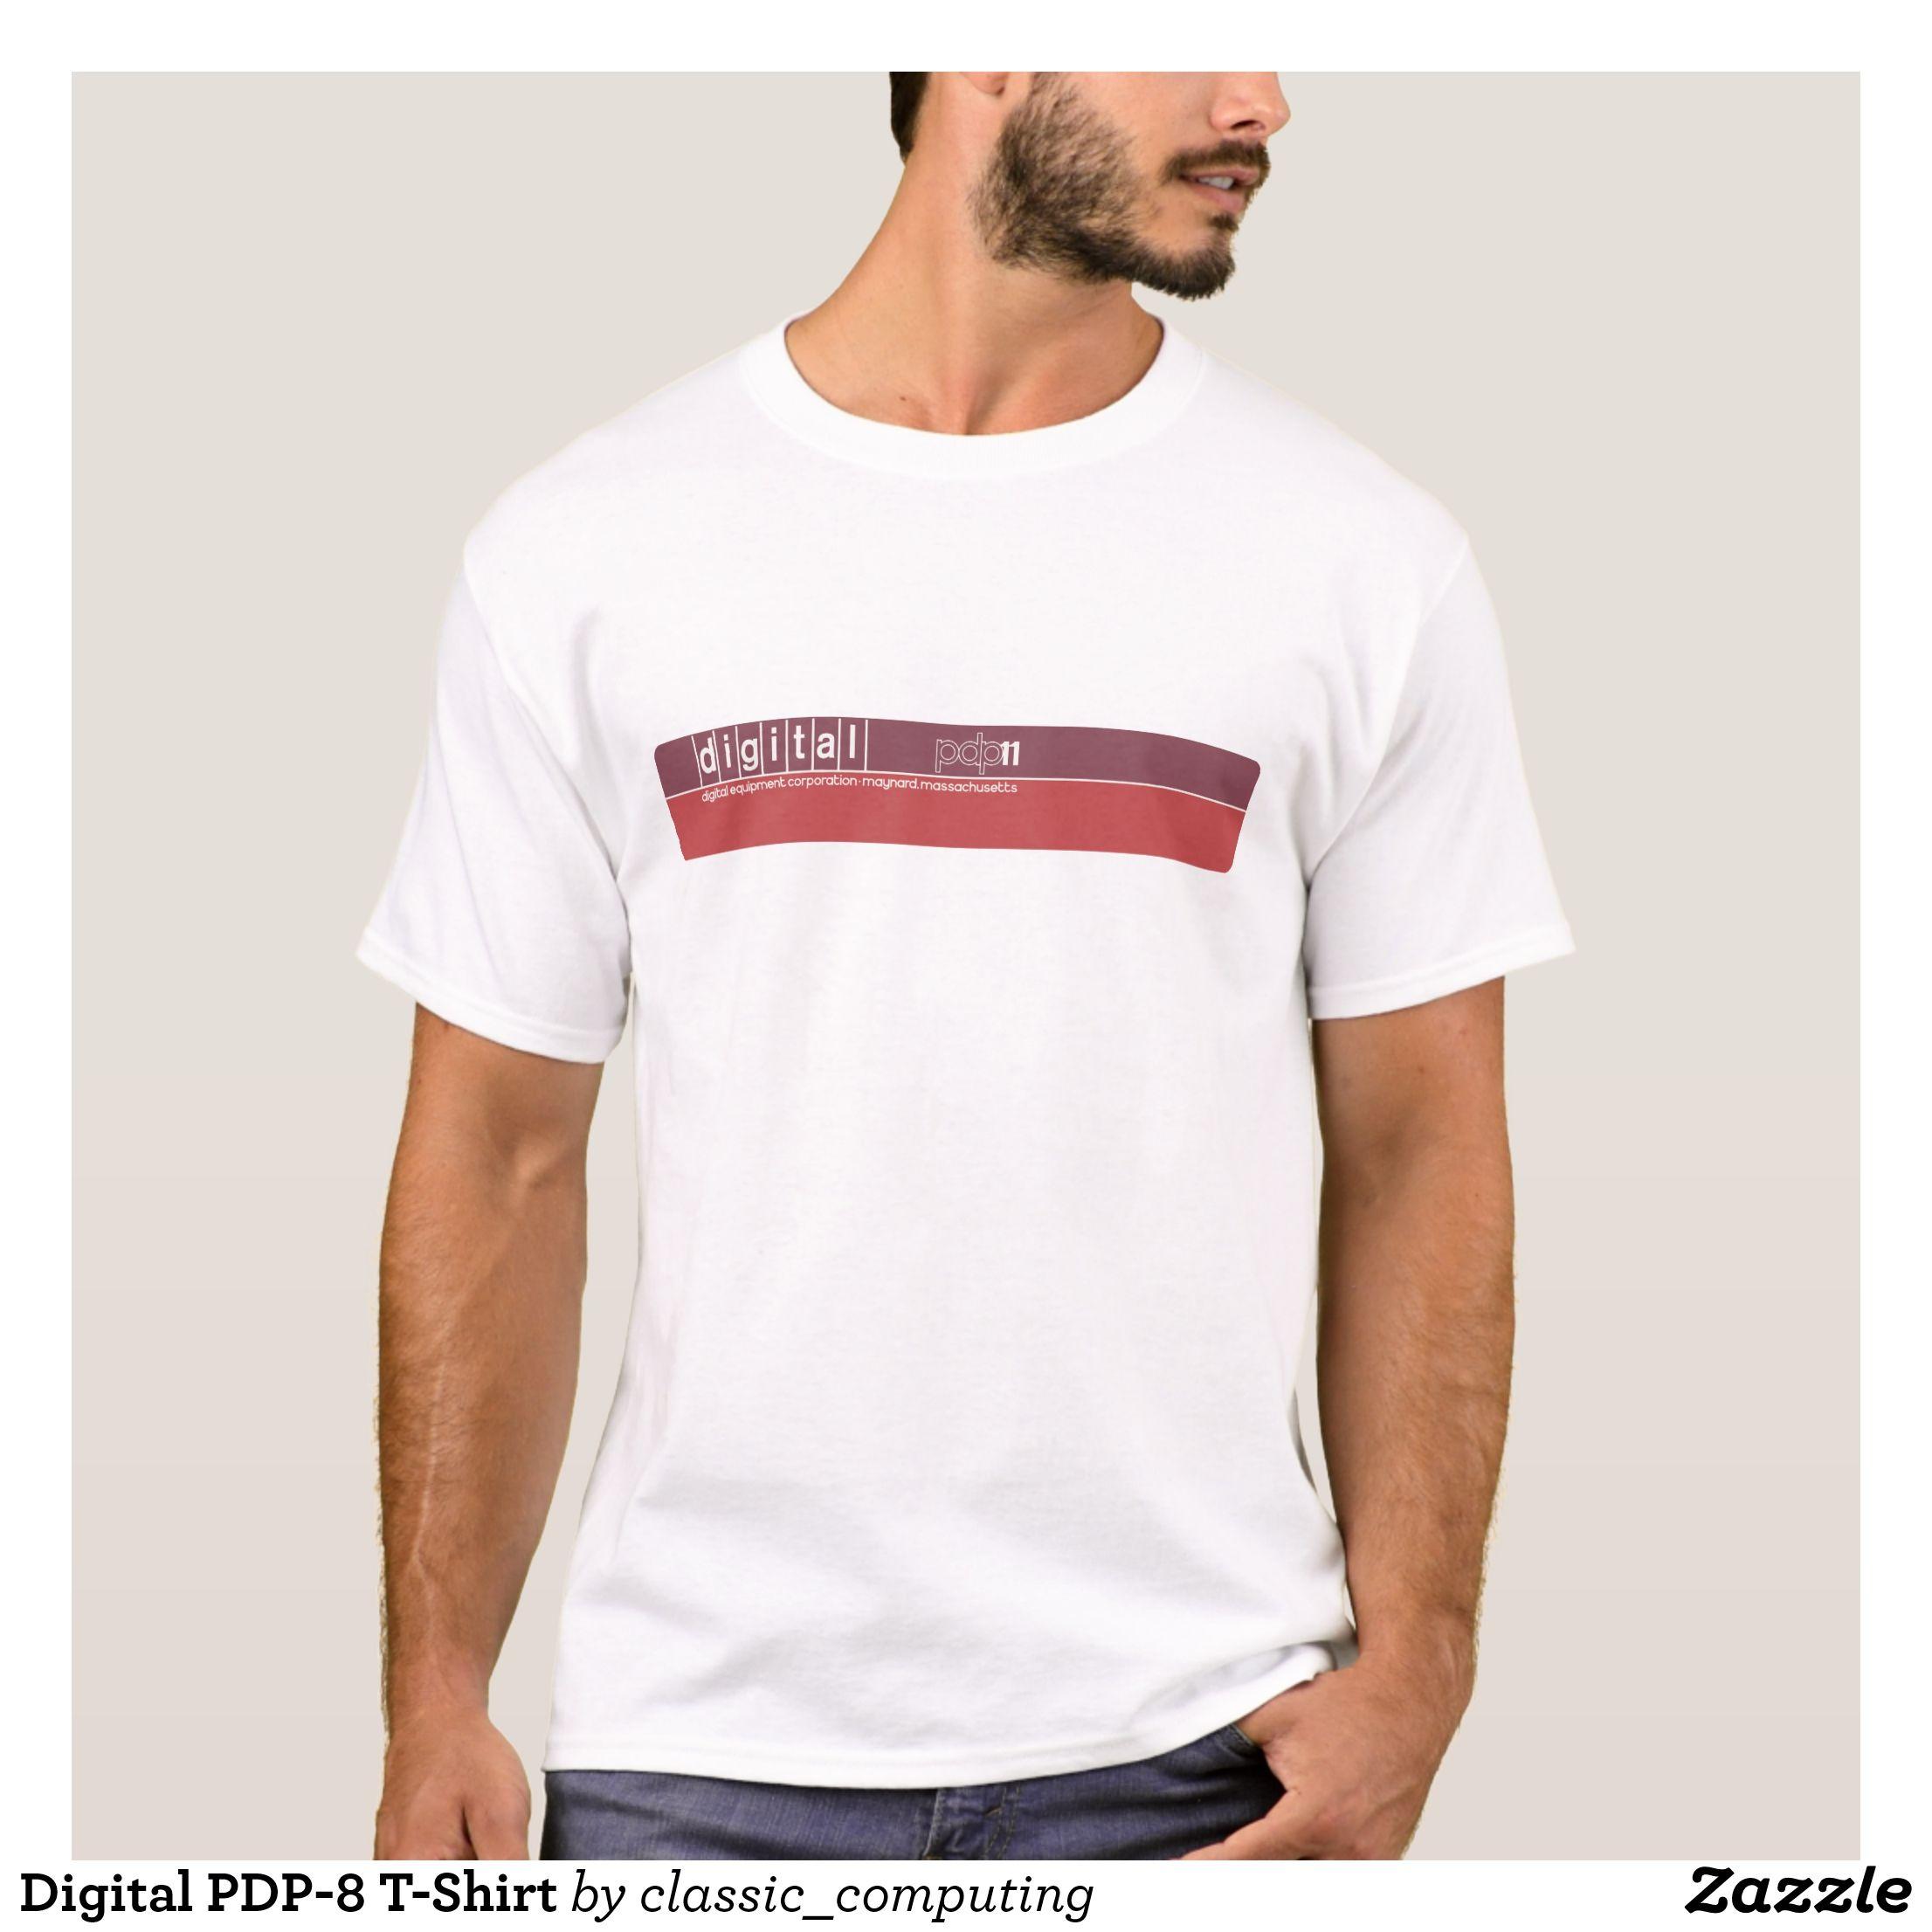 6f06b318 Digital PDP-8 T-Shirt - Heavyweight Pre-Shrunk Shirts By Talented Fashion &  Graphic Designers - #sweatshirts #shirts #mensfashion #apparel #shopping ...